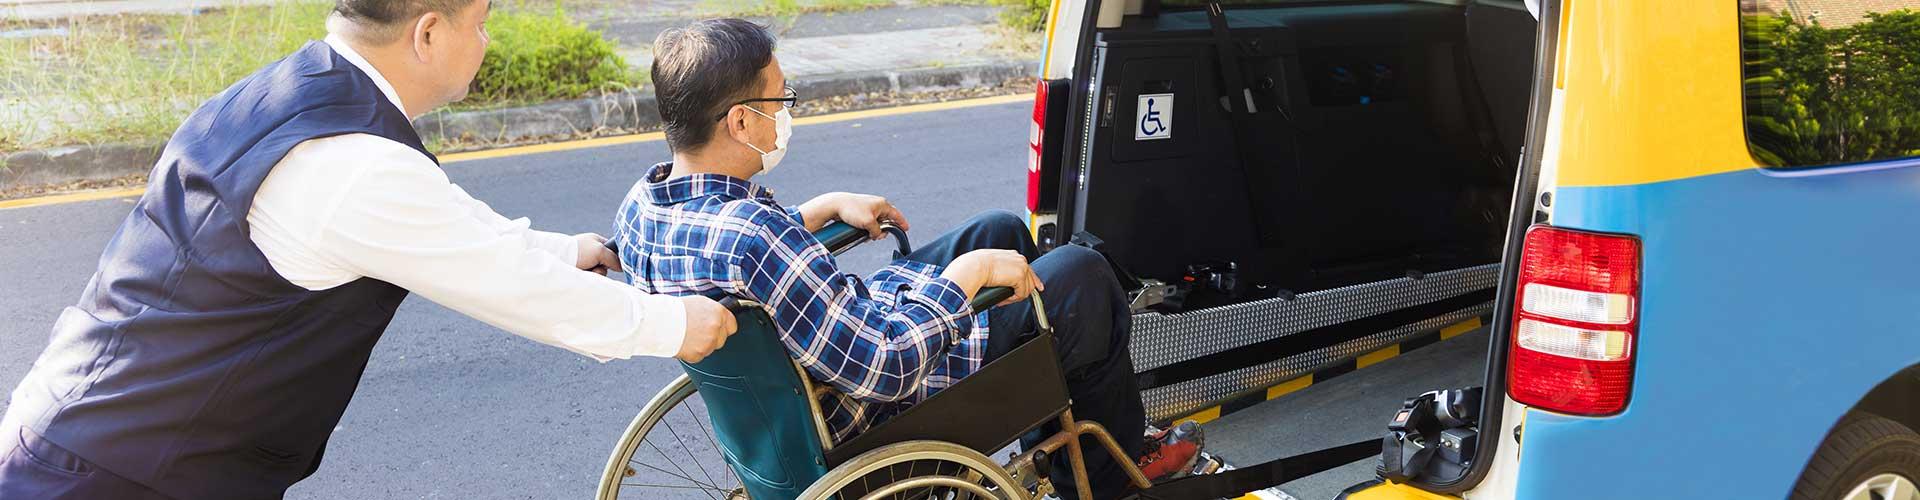 Formation transport personne à mobilité réduite